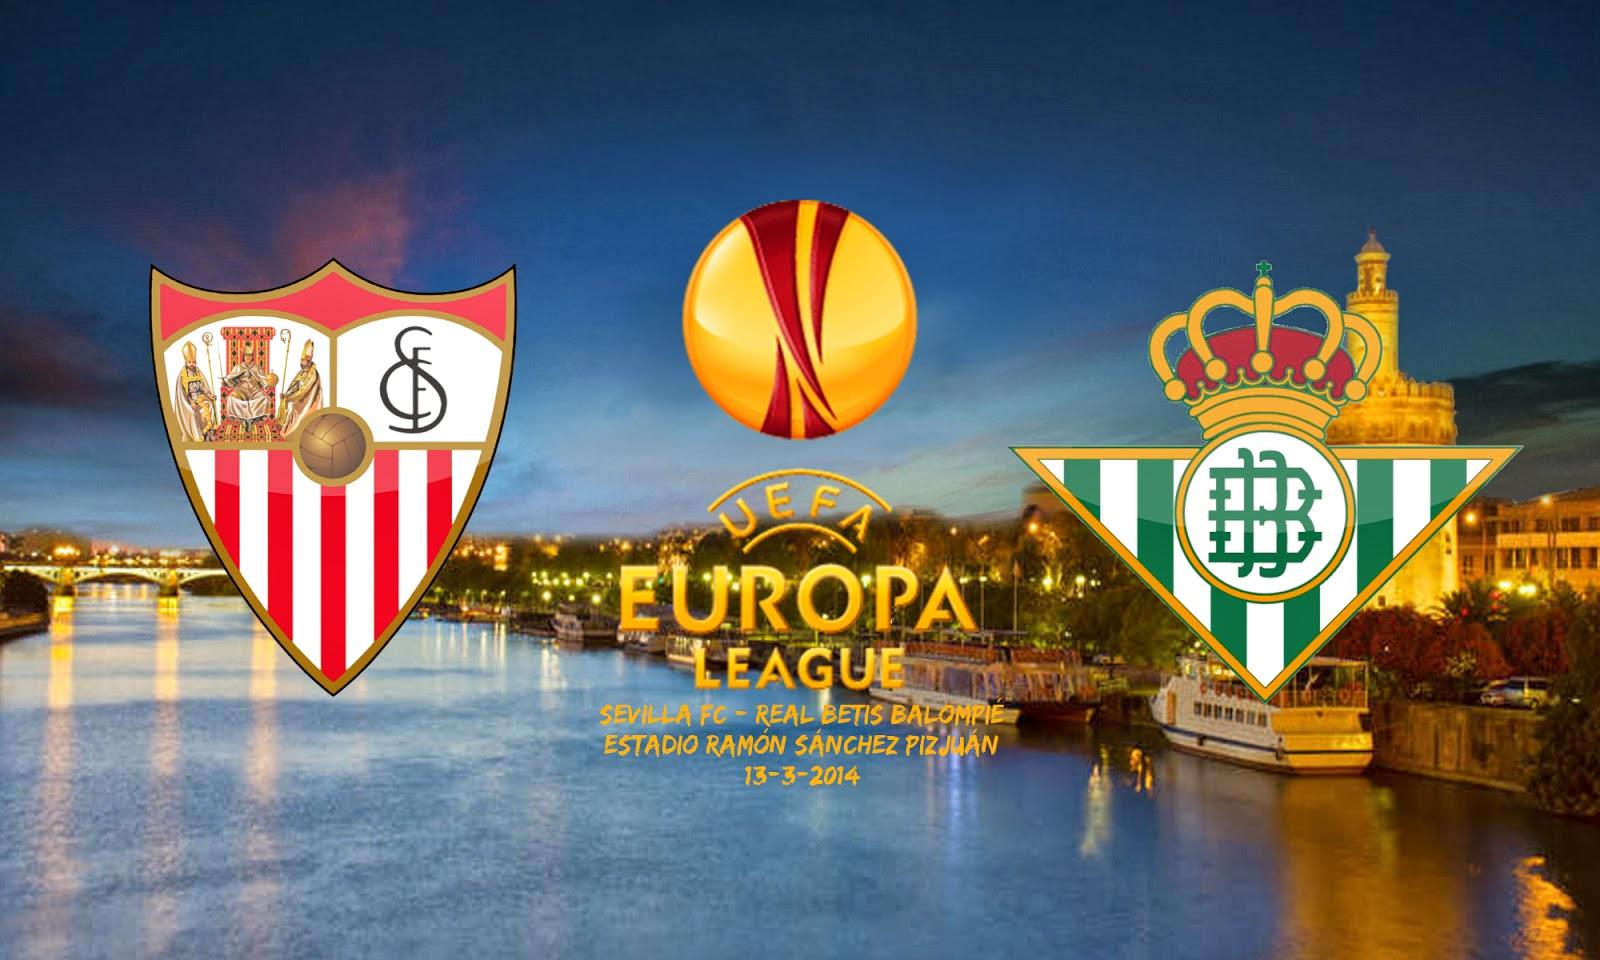 Sevilla+FC+-+Real+Betis+2013-14+-+UEFA+Europa+League.jpg